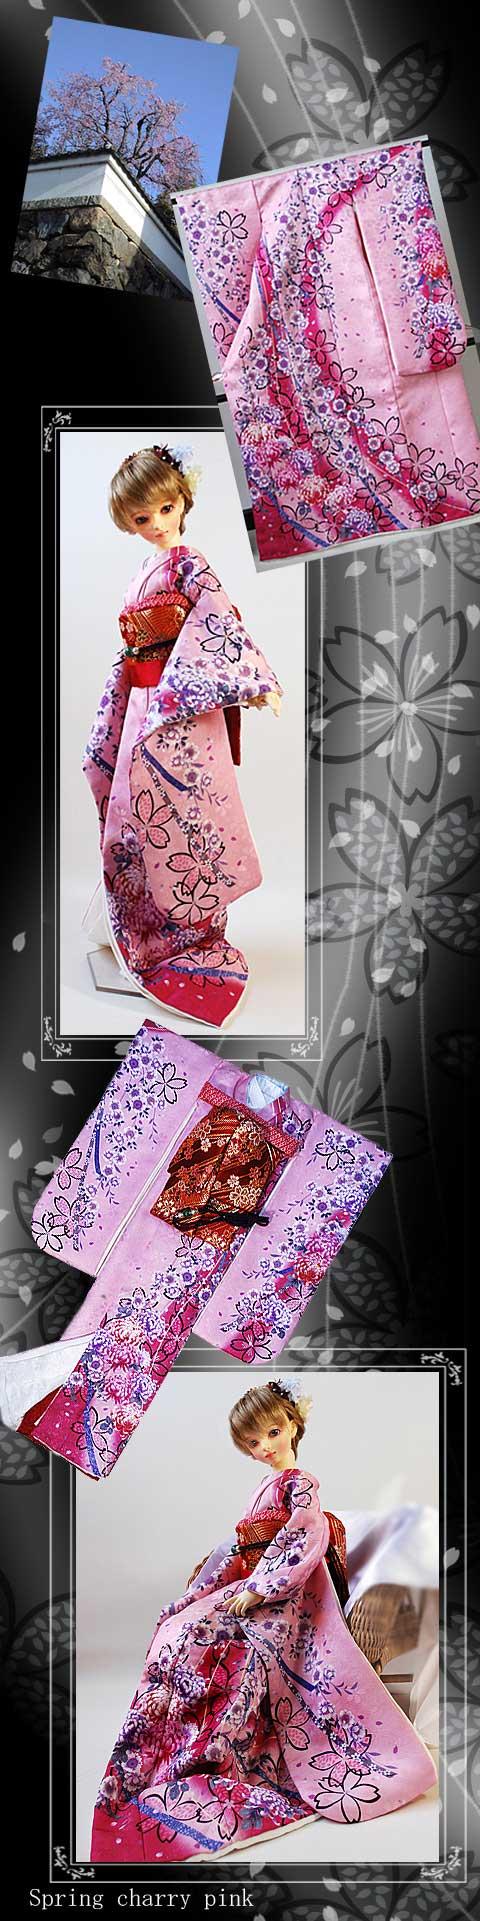 shop-ニコル菊pink2